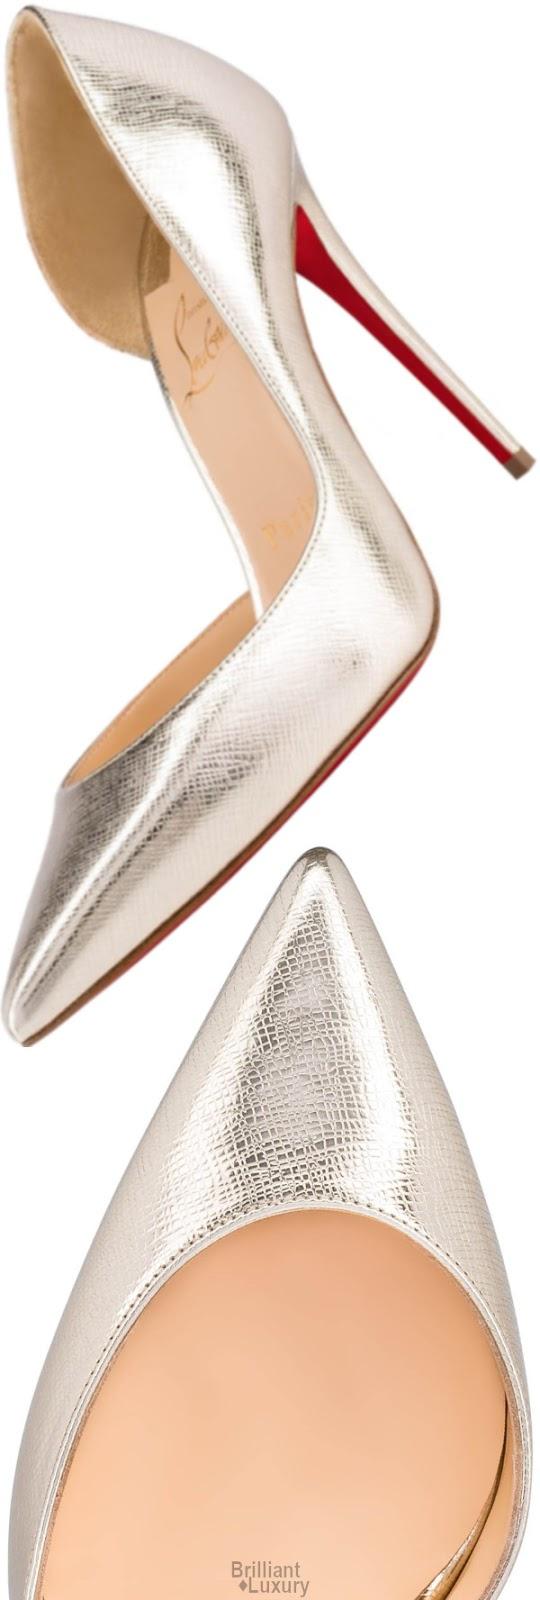 Brilliant Luxury♦Christian Louboutin Iriza Calf Silver Palm Lamé Stiletto Pump